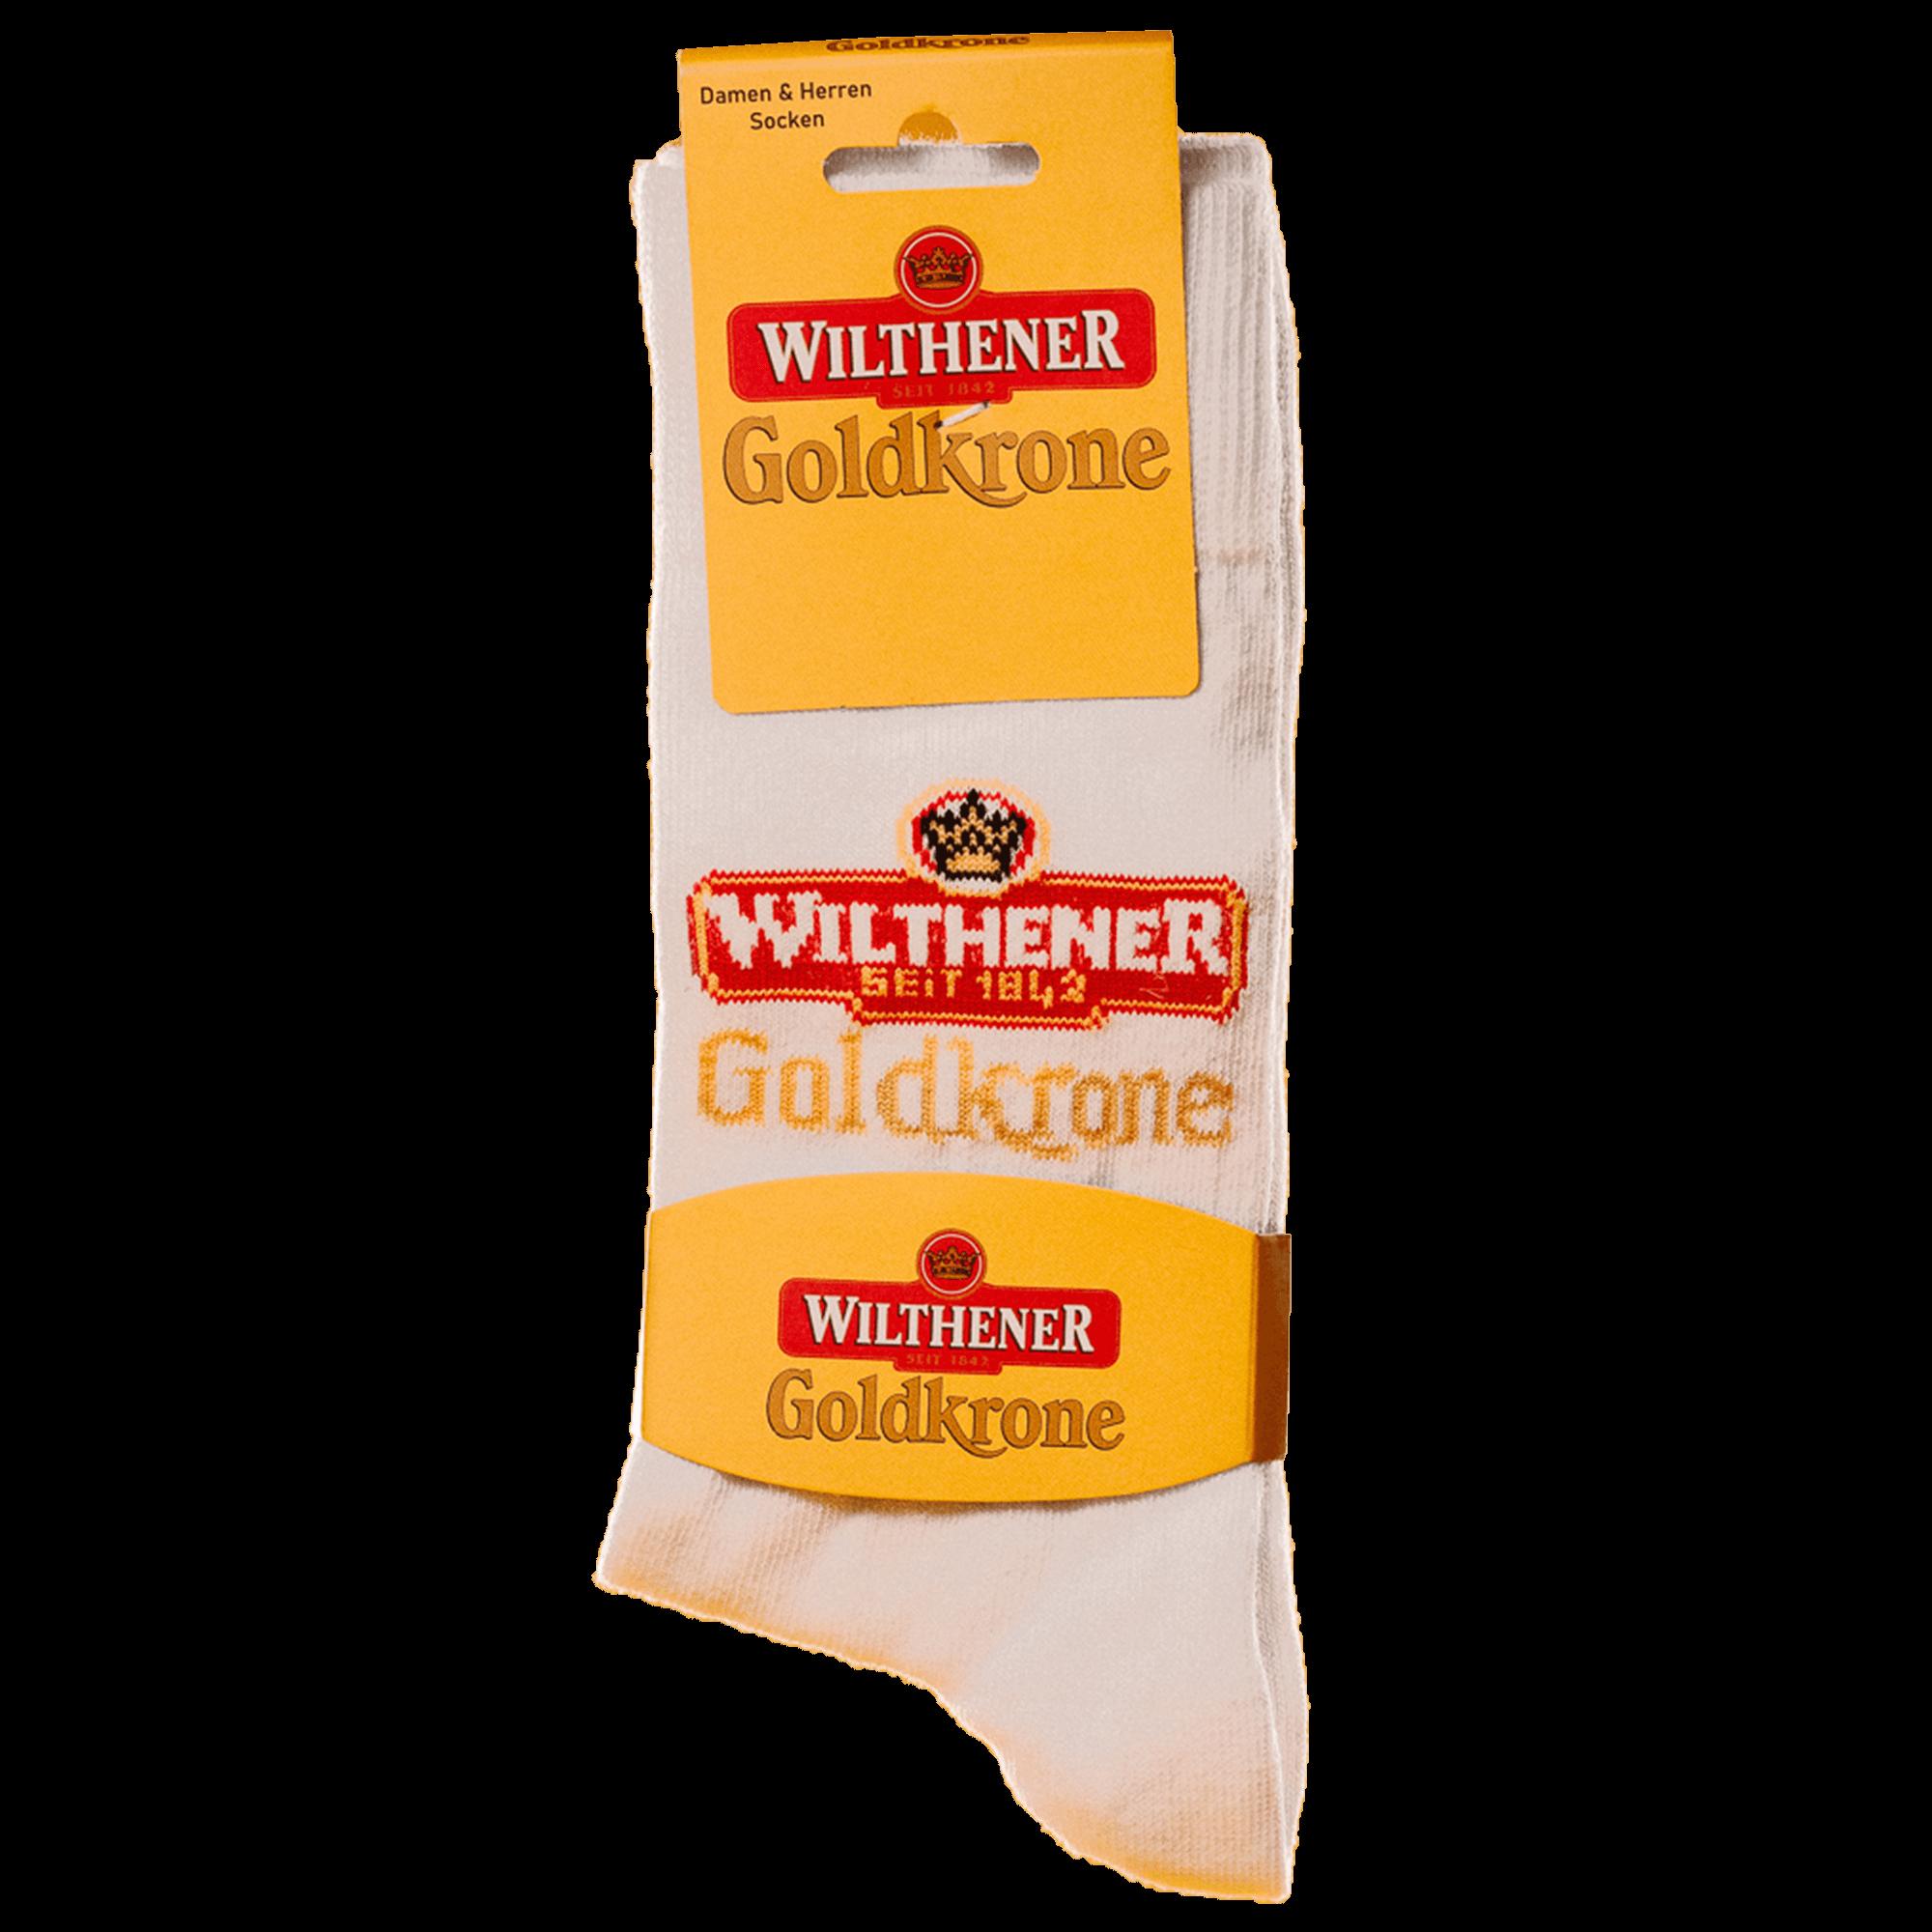 Wilthener Goldkrone Socken